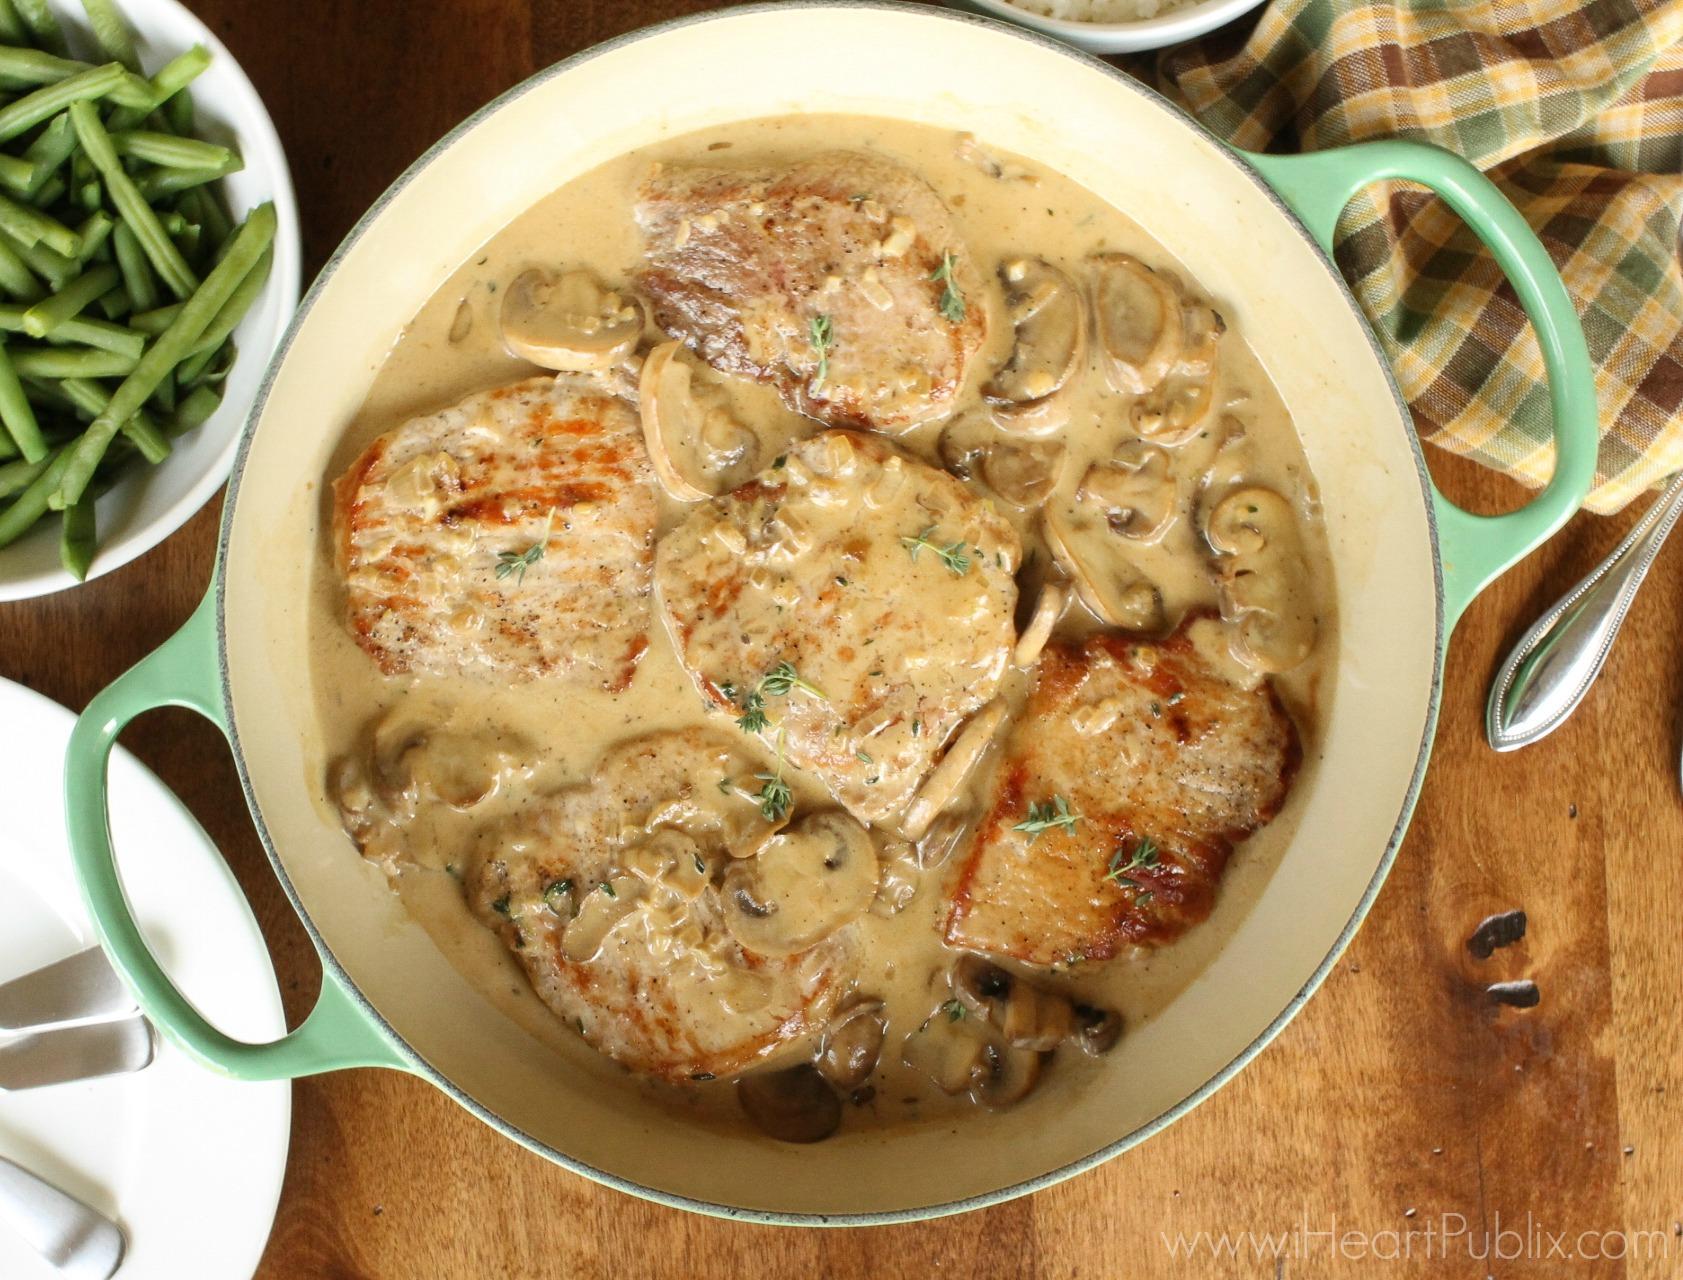 Smothered Pork Chops - Super Meal For The BOGO Sale On Pork At Publix! on I Heart Publix 2